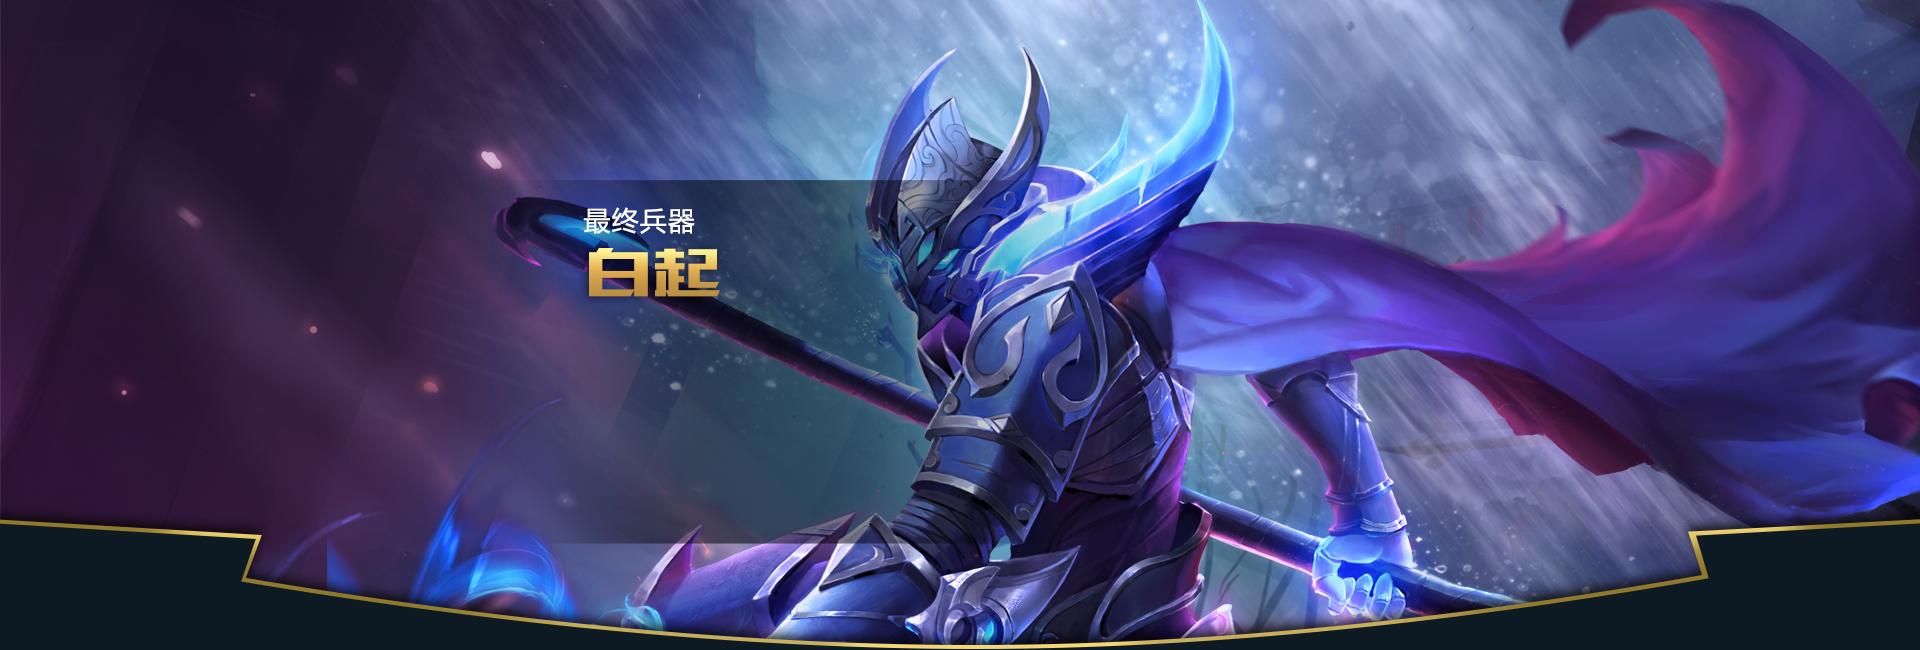 第2弹《王者荣耀英雄皮肤CG》竞技游戏79